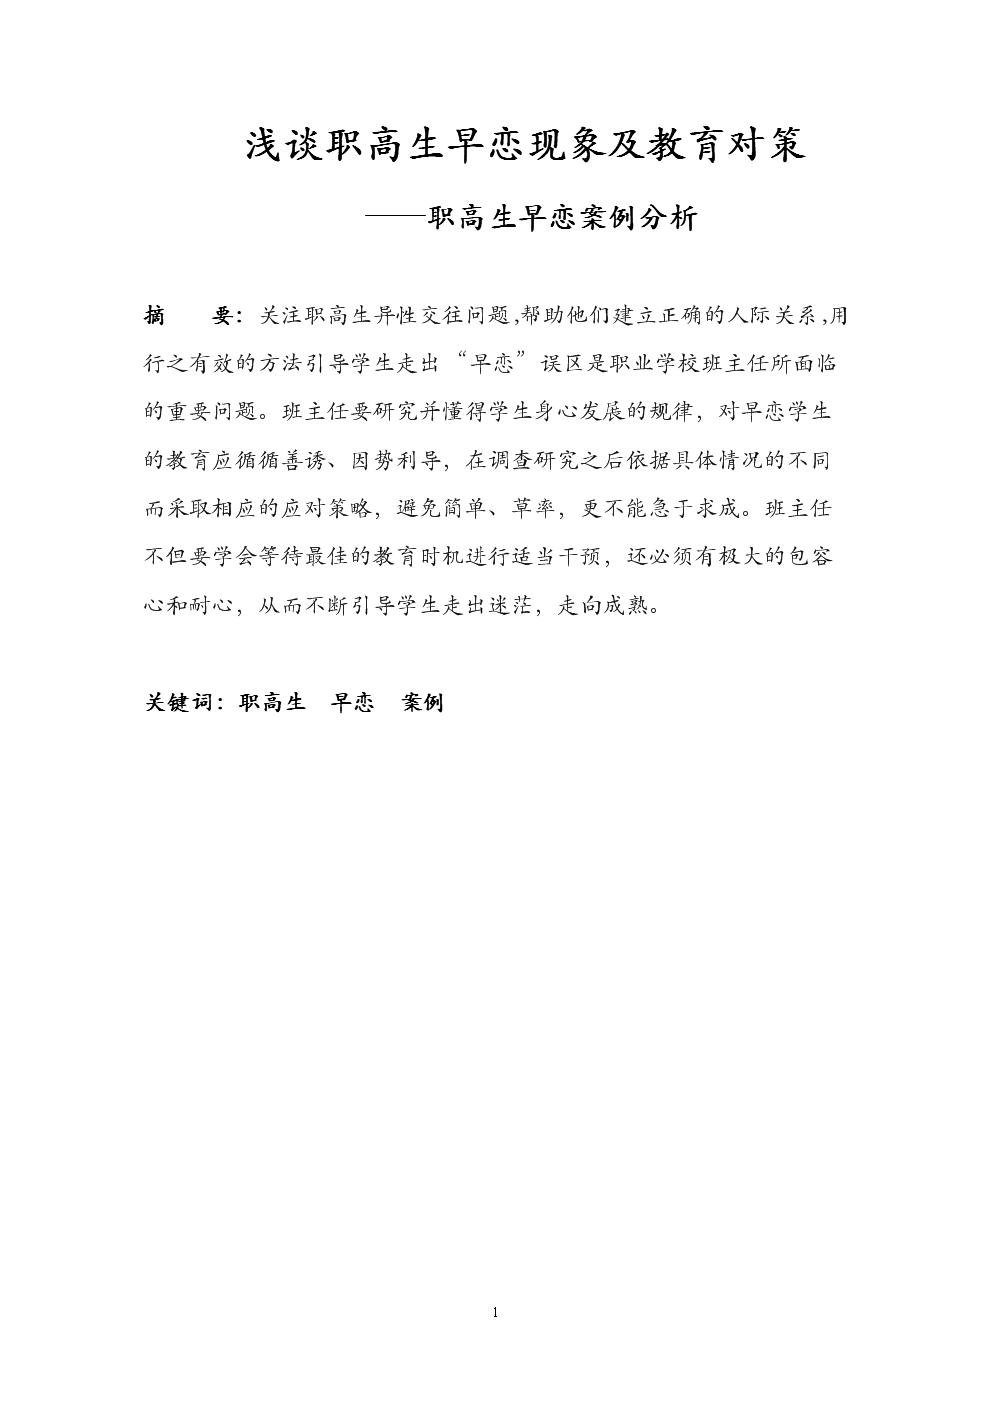 浅谈职高生早恋现象及教育对策.doc